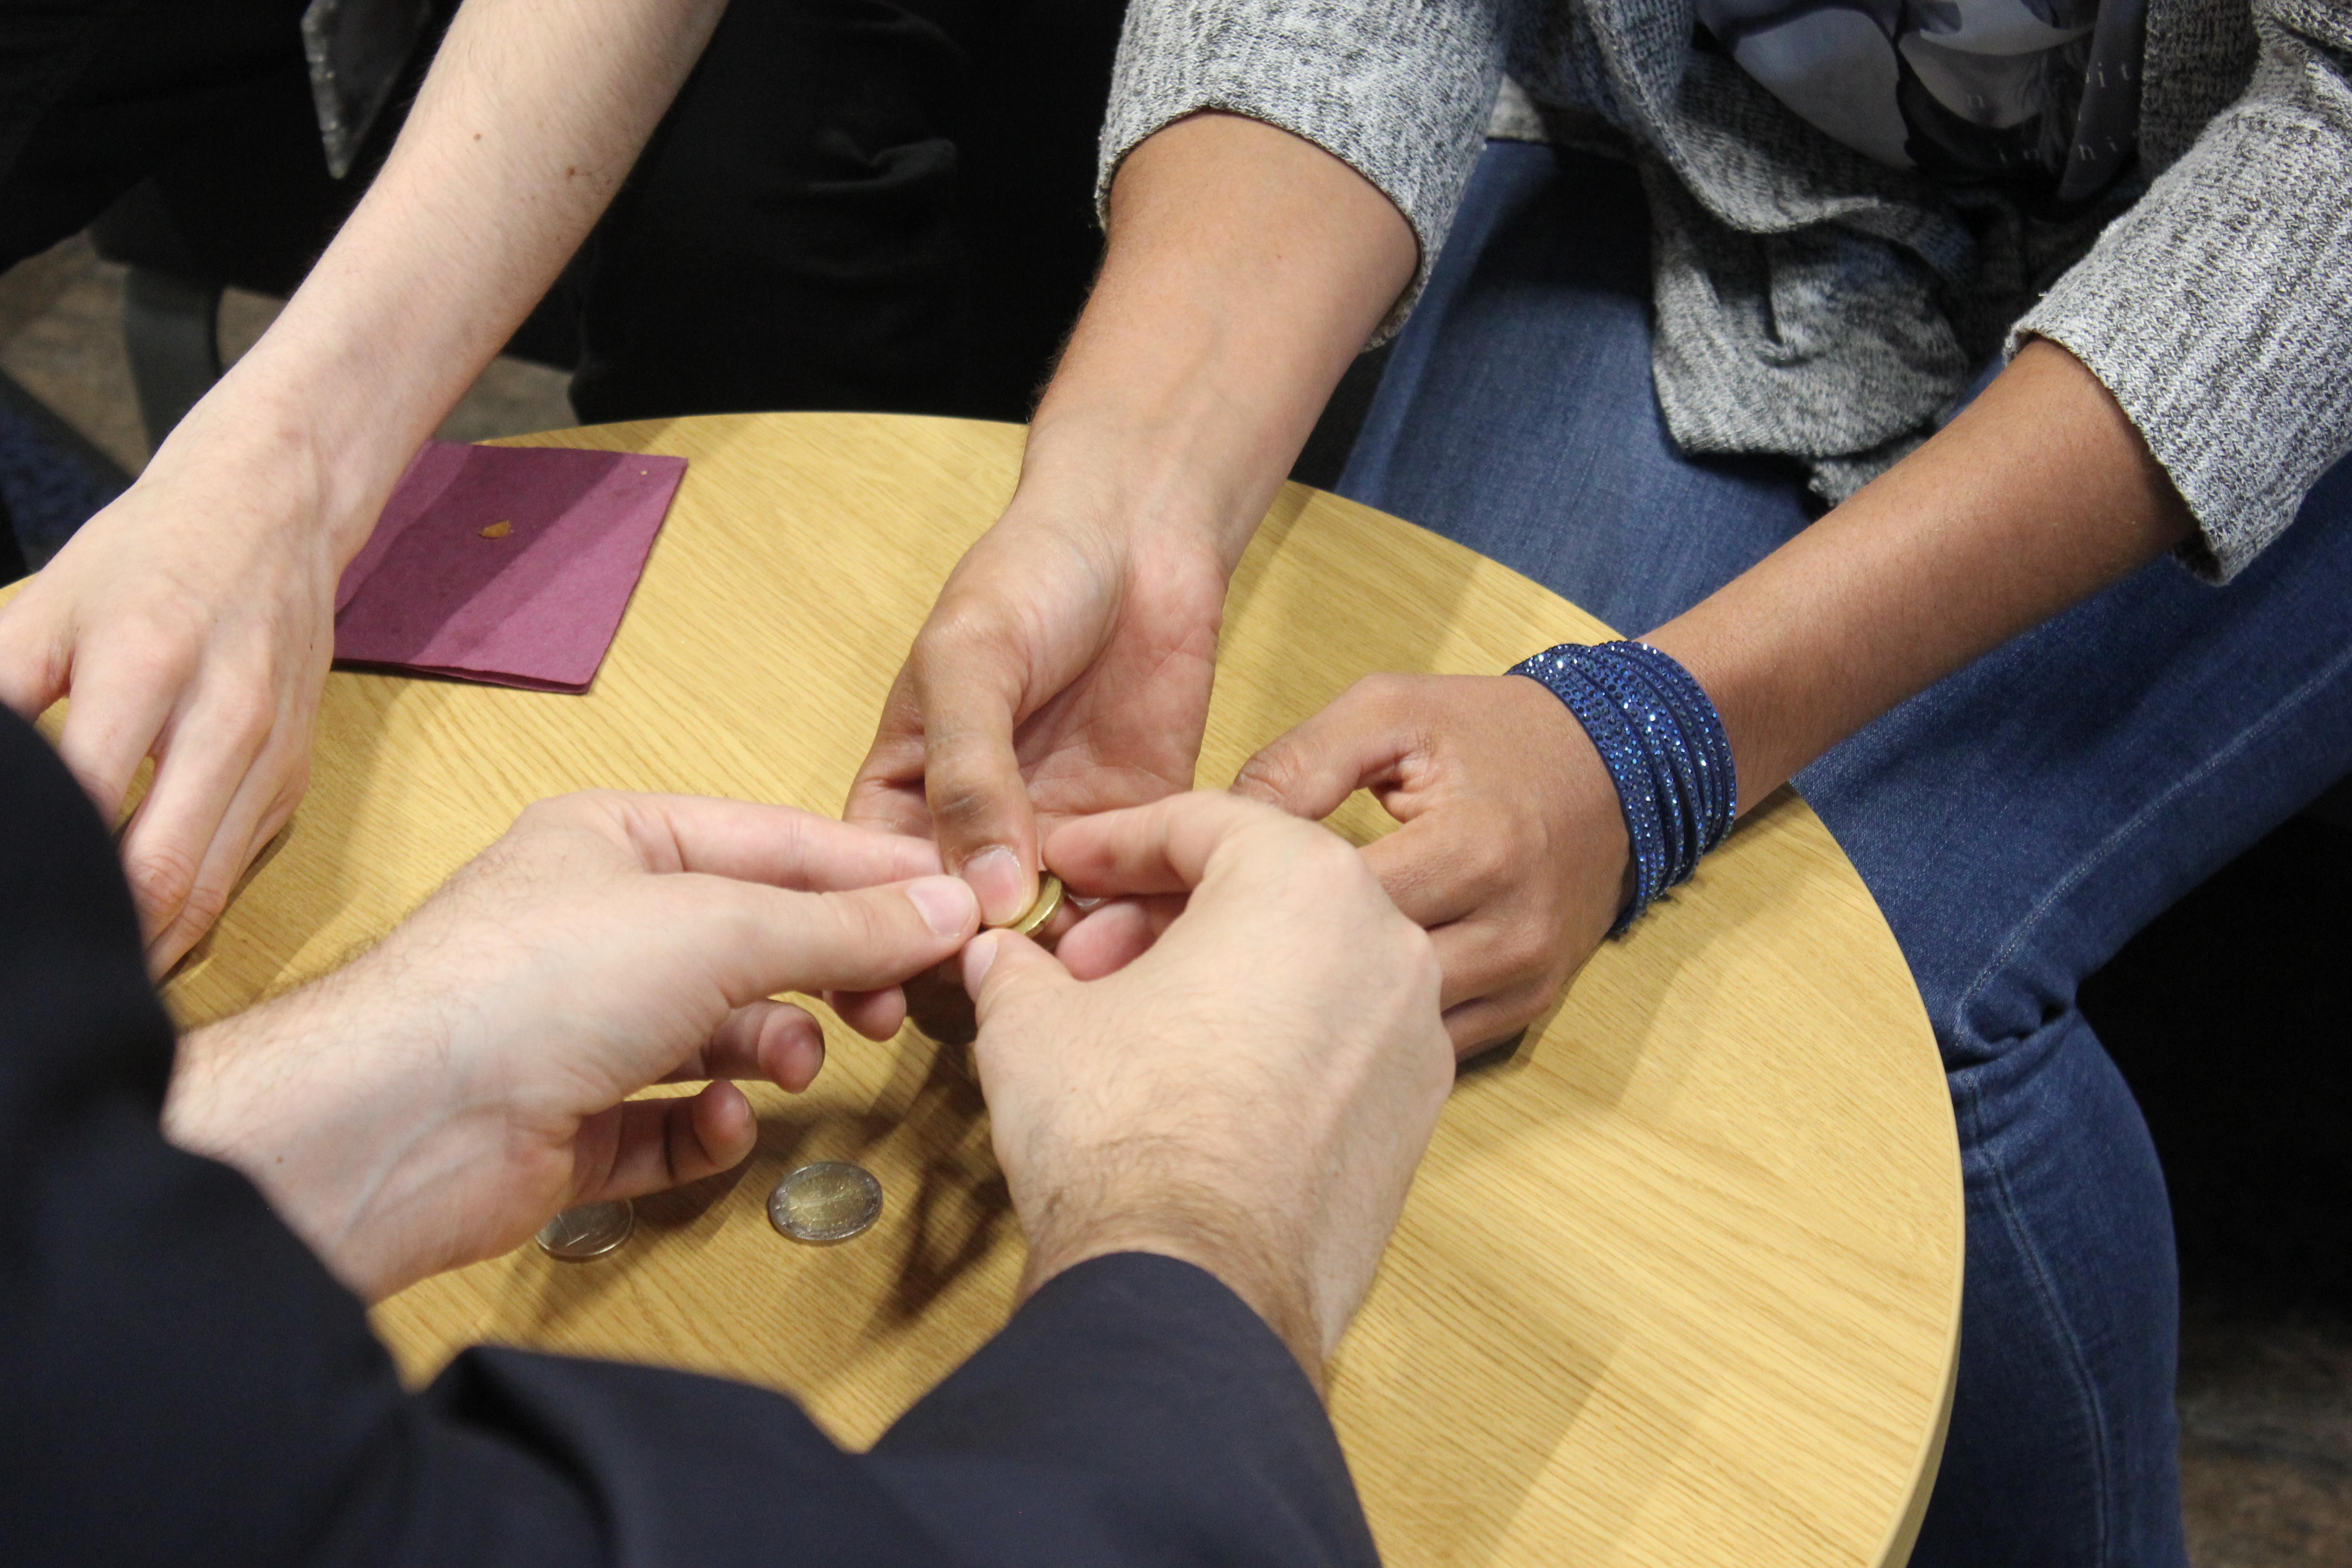 Echanges, partages, ateliers ludiques autour du handicap psychique avec DCA Handicap, spécialiste du handicap psychique à Paris.